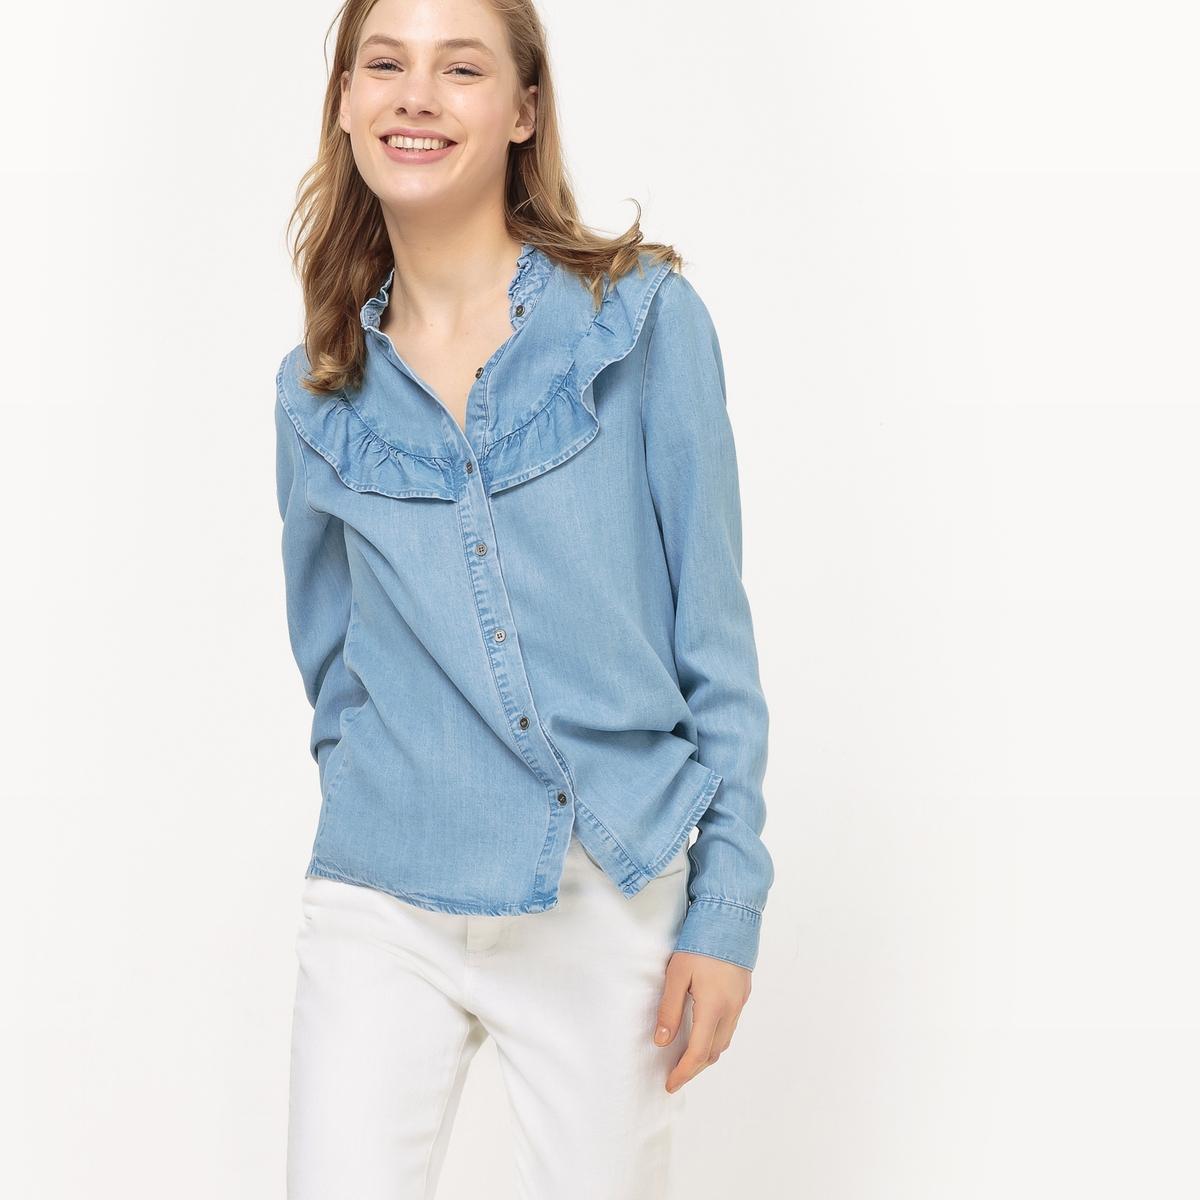 Рубашка с воланами, длинные рукава